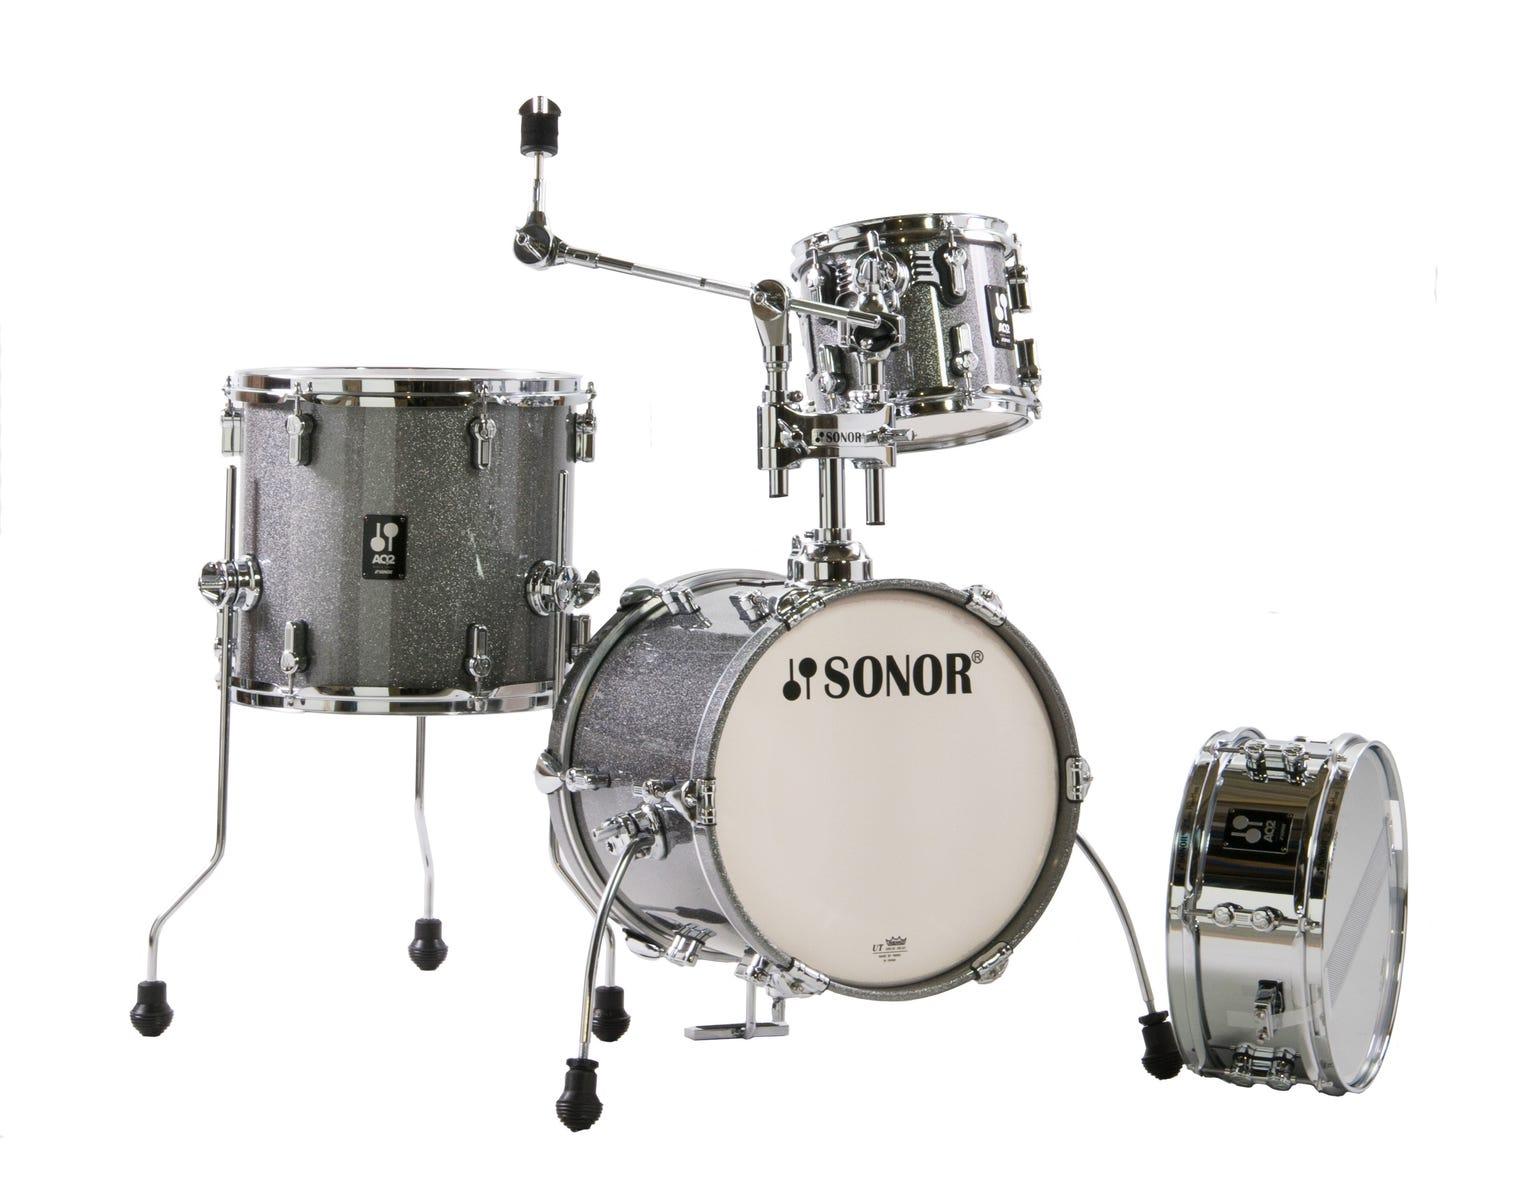 Sonor Martini AQ2 All-Maple Drum Shell Pack - Titanium Quartz